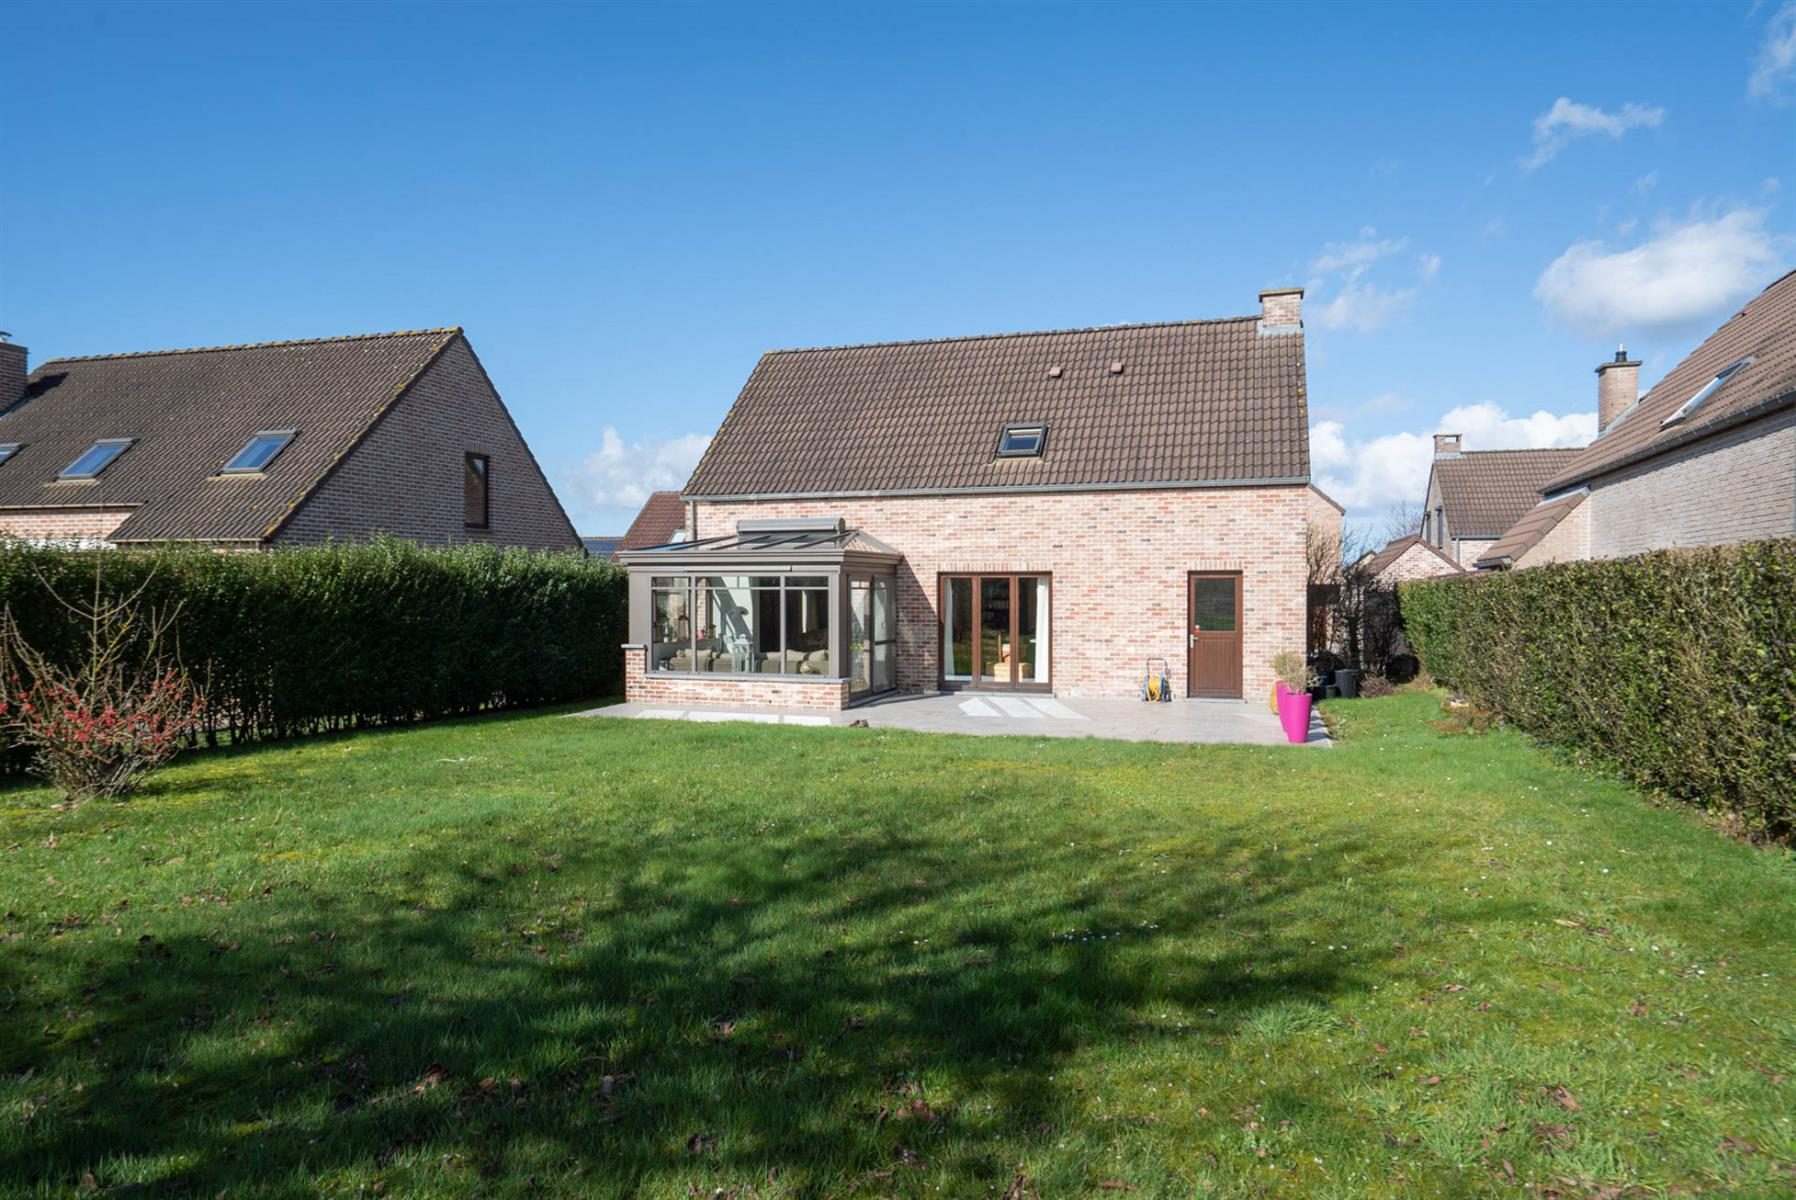 Villa - Chaumont-Gistoux - #4006823-15